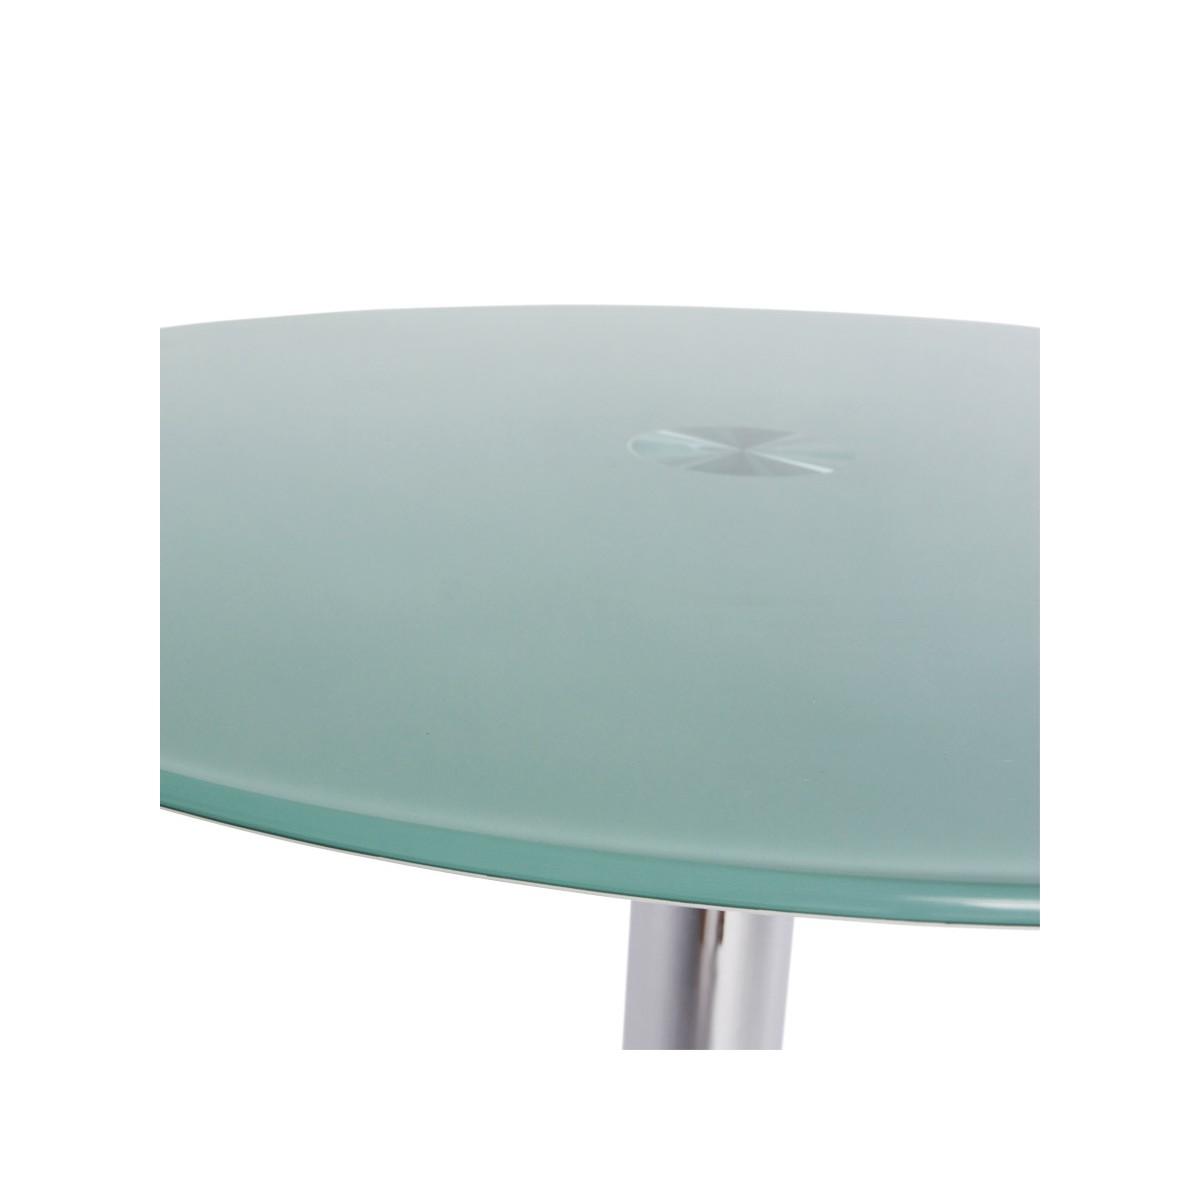 table ronde vinyl en m tal et verre tremp blanc fran ais french. Black Bedroom Furniture Sets. Home Design Ideas